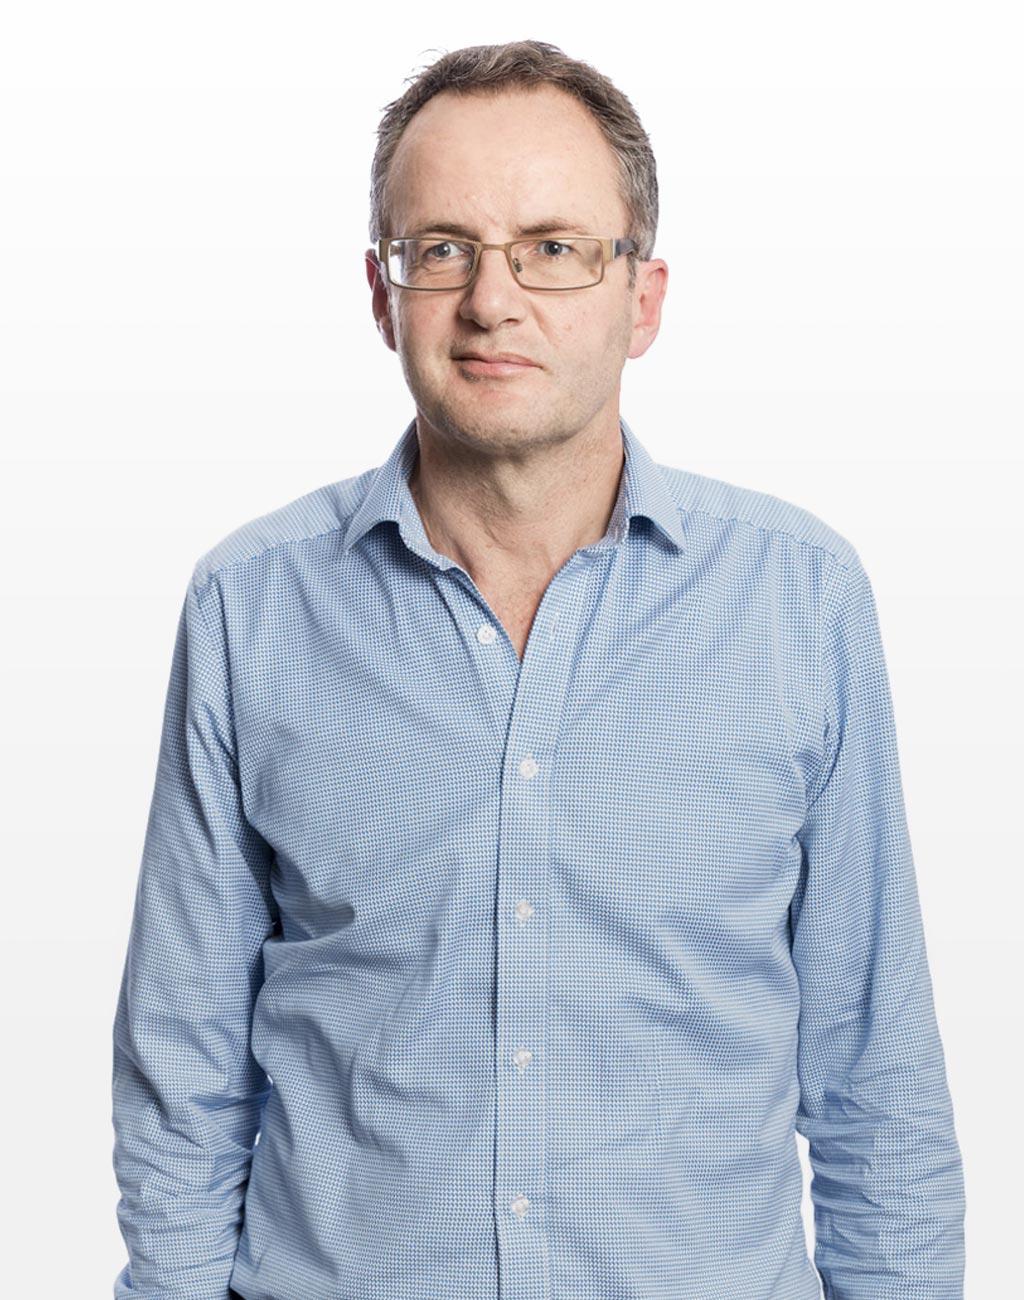 Matthew Munn